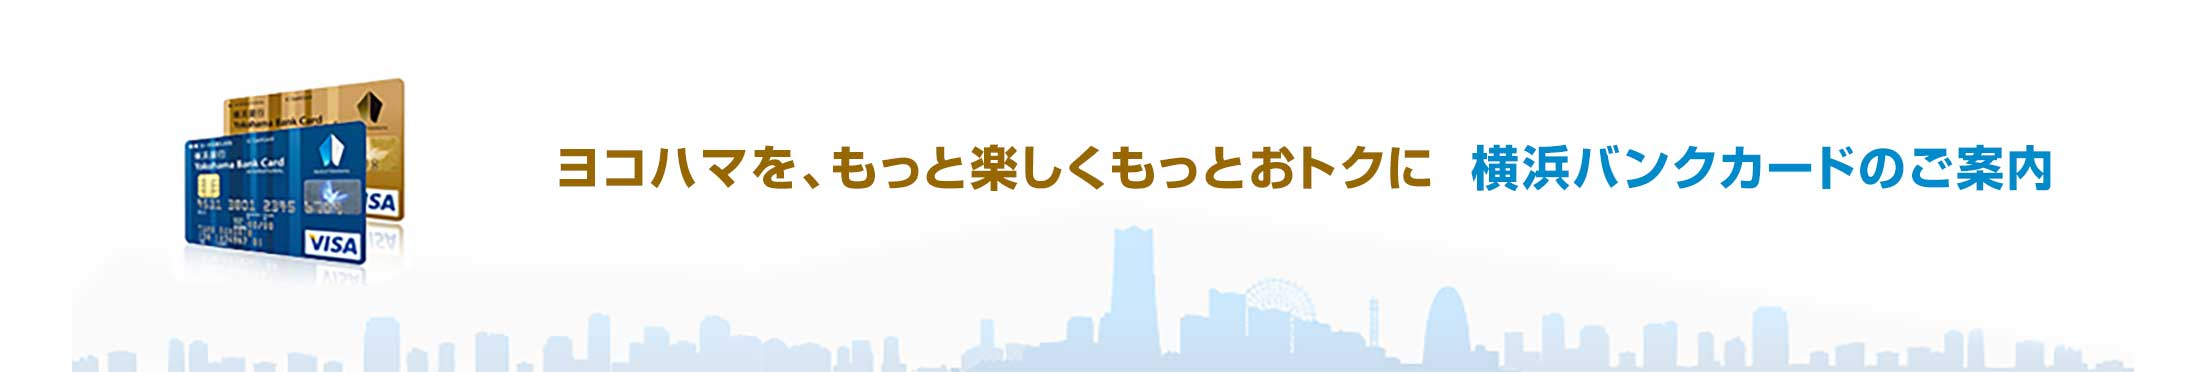 横浜バンクカードのご案内